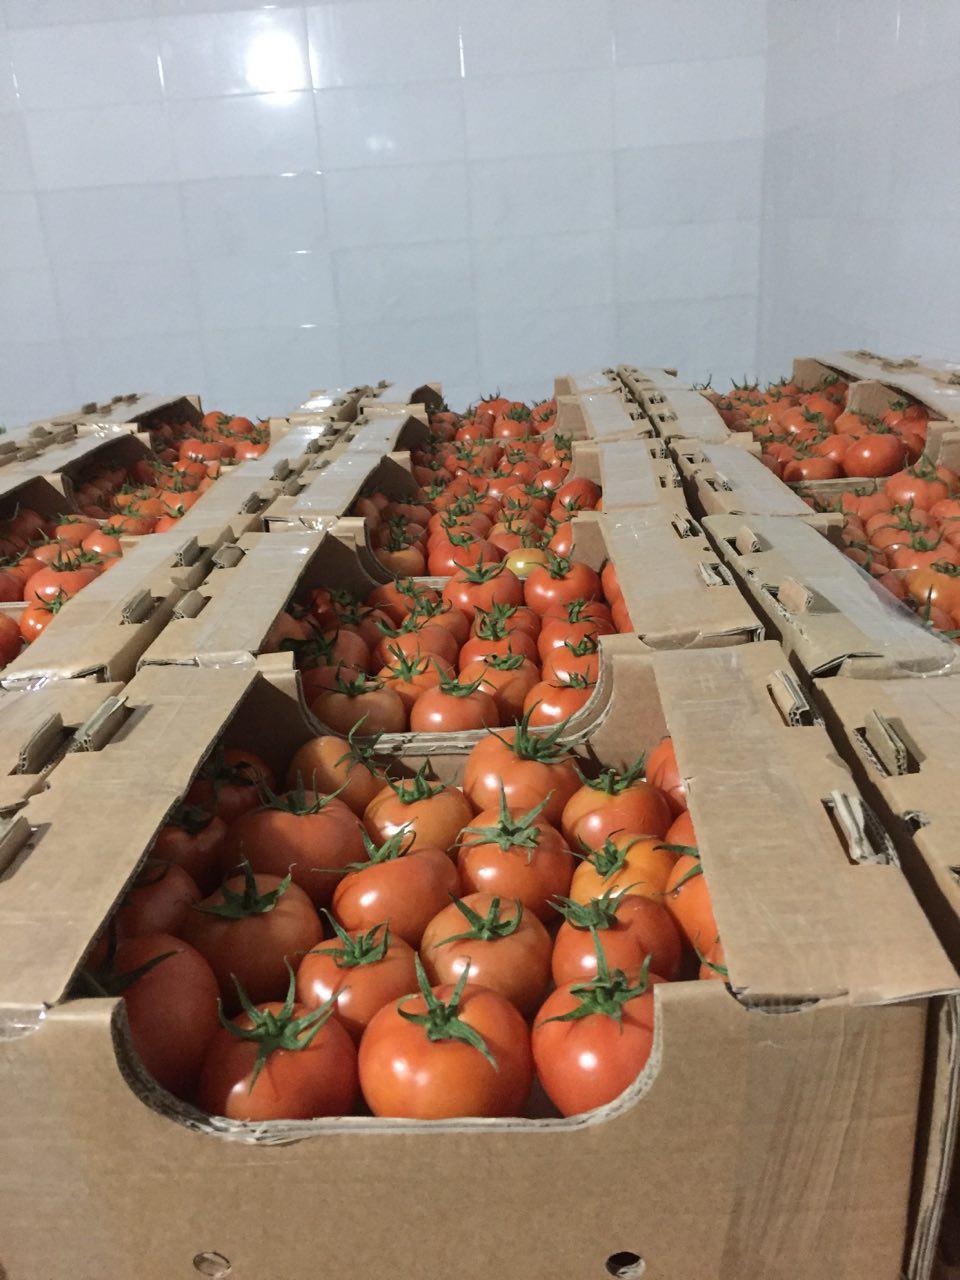 گوجه فرنگی گلخانه ای – کاشت ، داشت ، برداشت ، صادرات گوجه فرنگی گلخانه ای – کاشت ، داشت ، برداشت ، صادرات                                       2